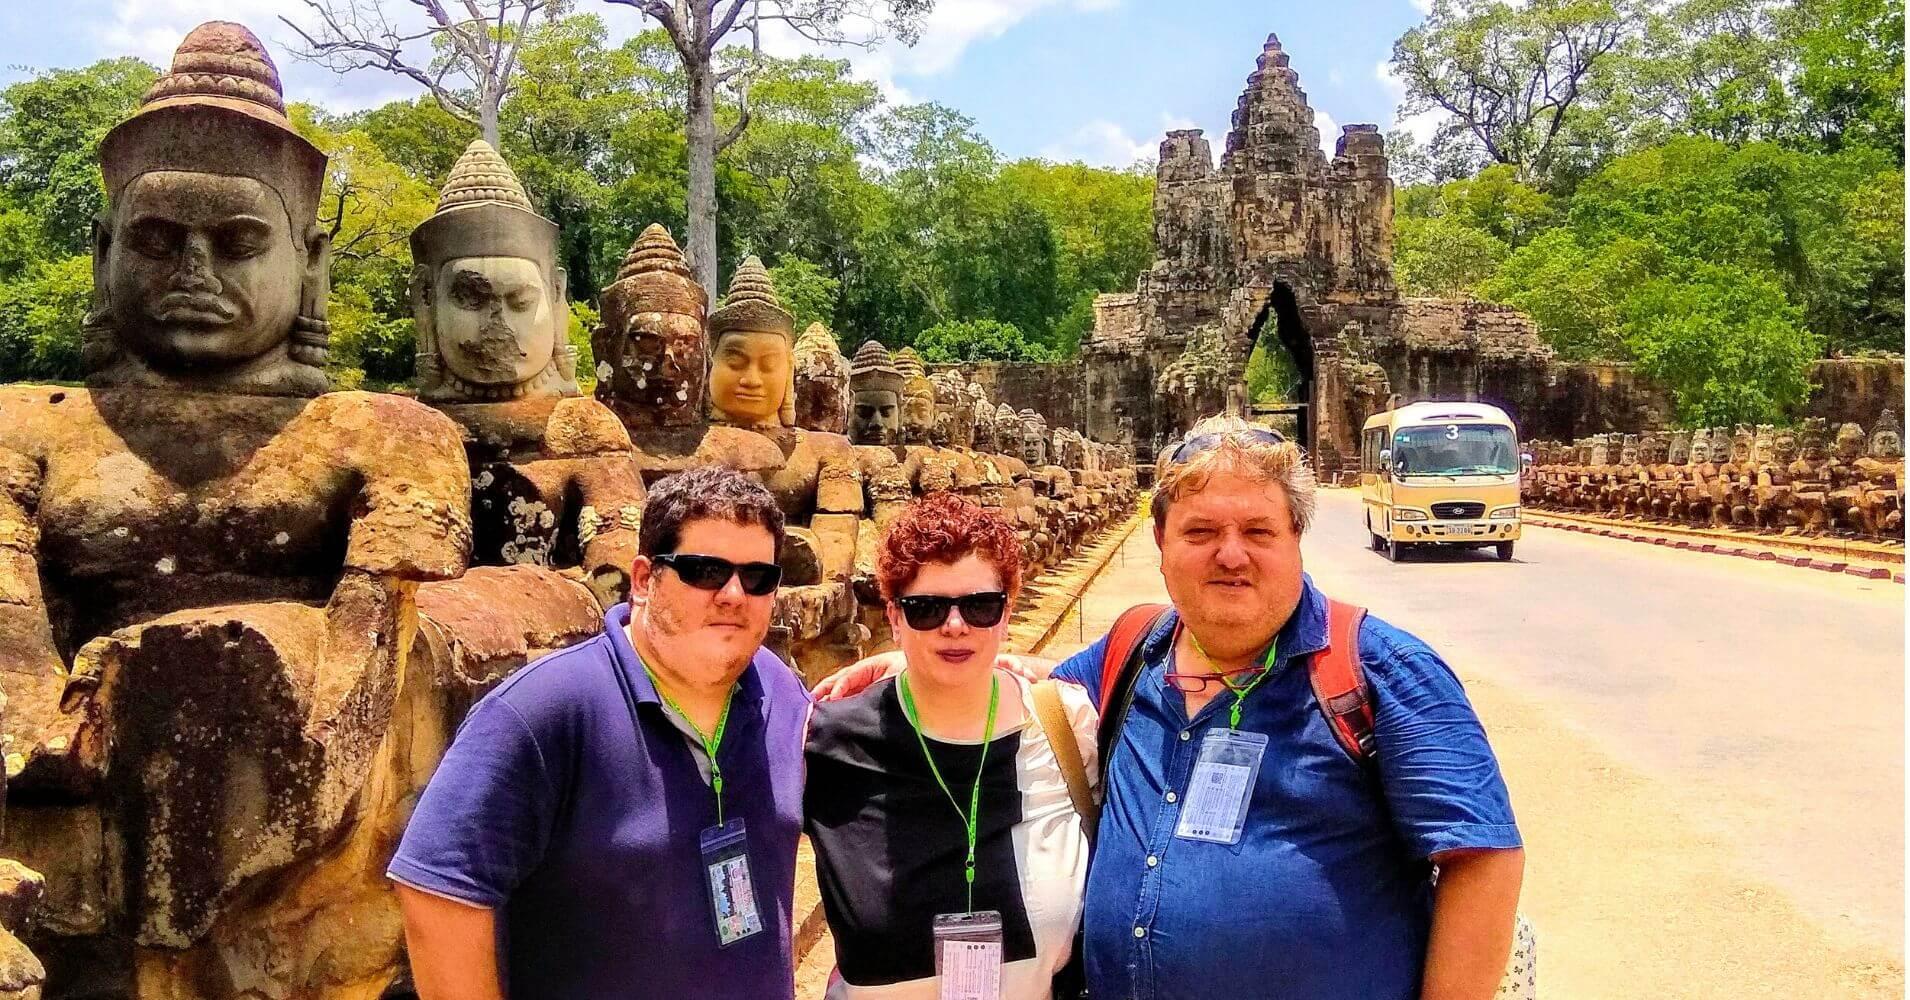 Entrada a la ciudad de Angkor Thom. Siem Reap. Camboya.